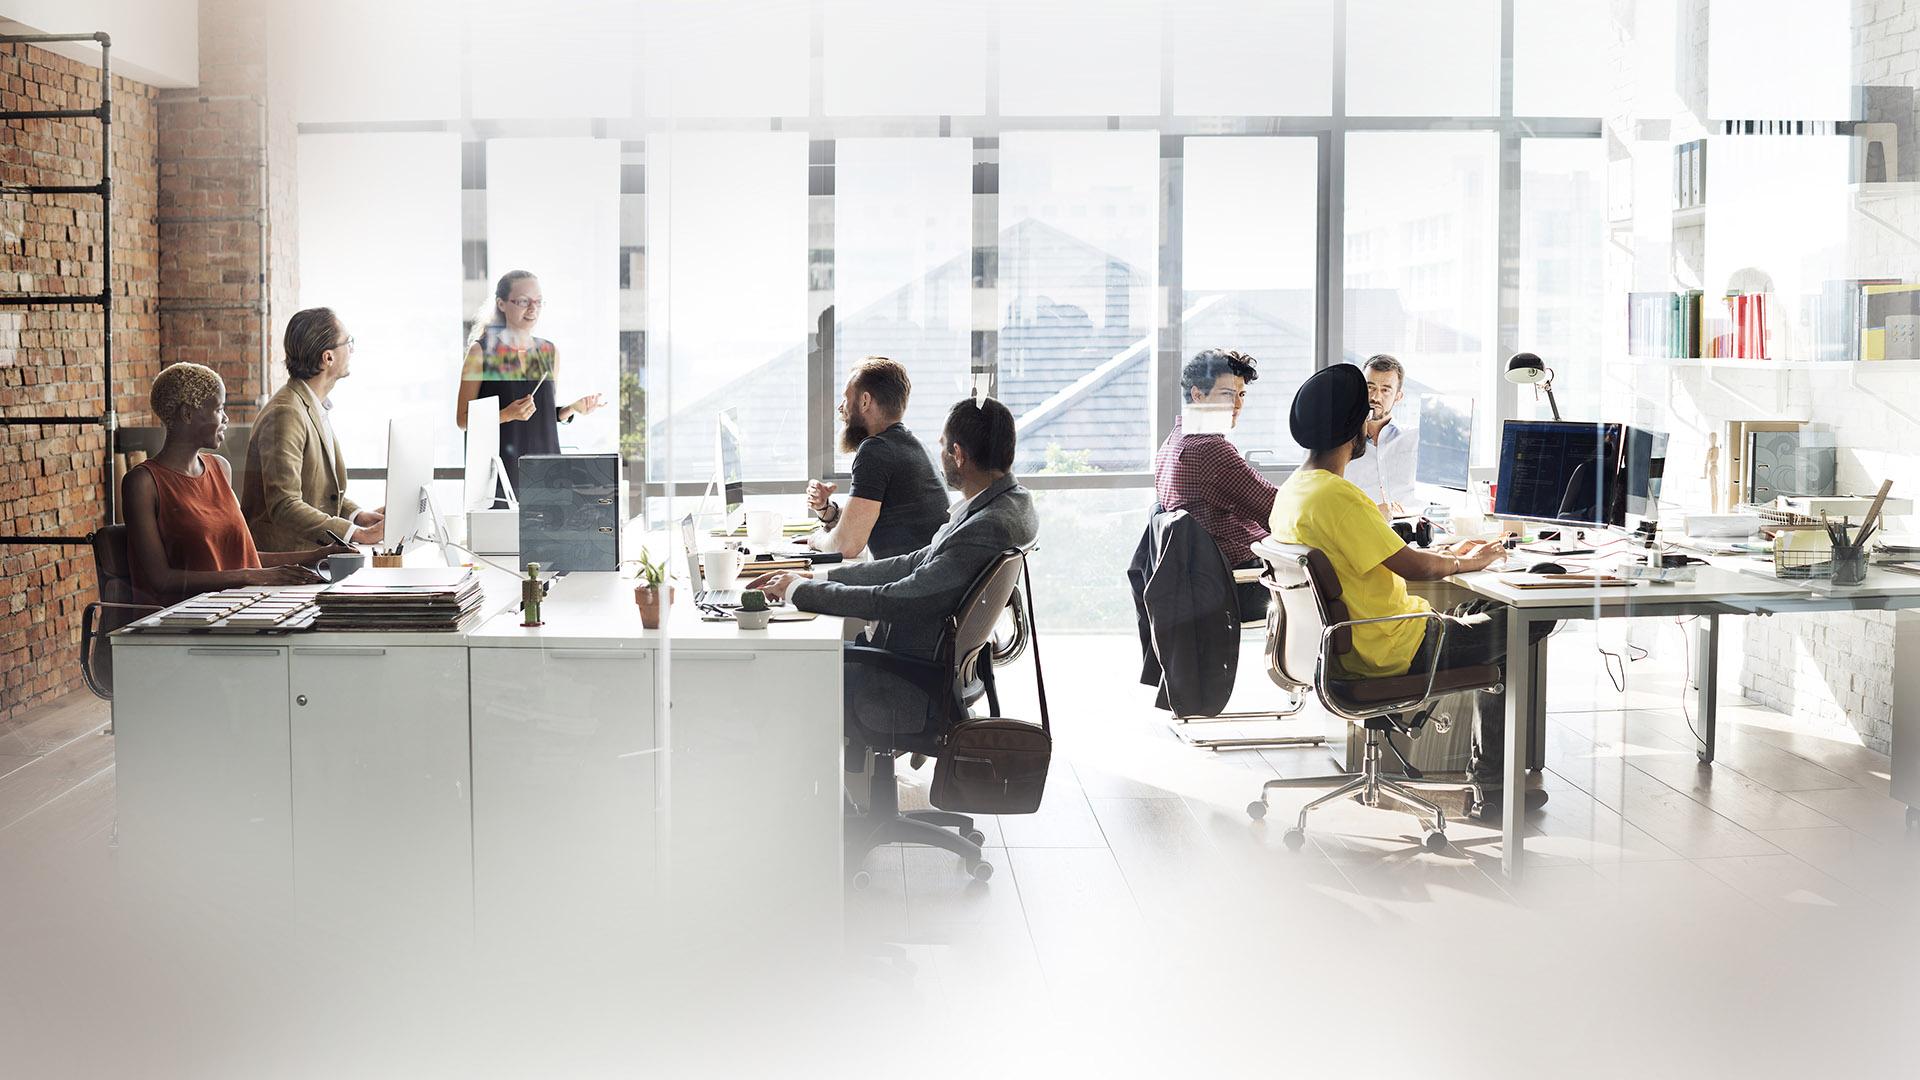 El coworking en el modelo híbrido, opción para casi el 50% de las empresas